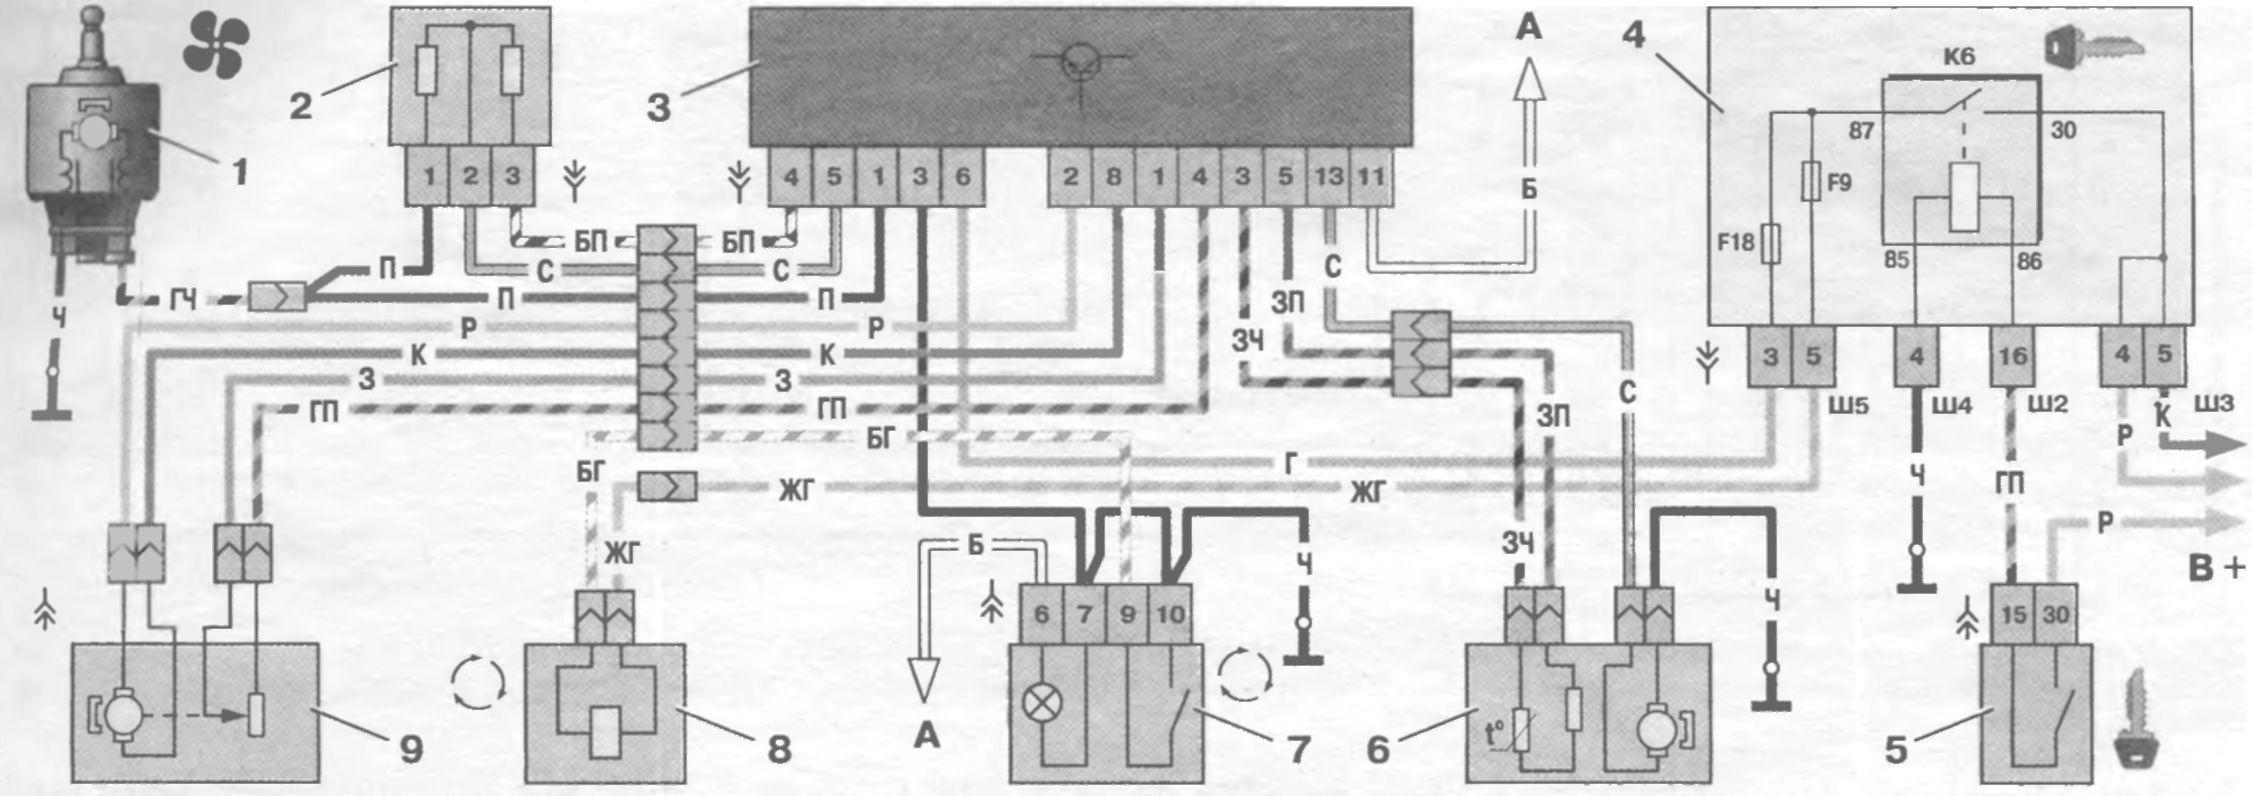 Решено lt b gt схема lt b gt электрооборудования автомобиля lt b gt ваз lt b gt 2110 справочный lt b gt lt b gt.